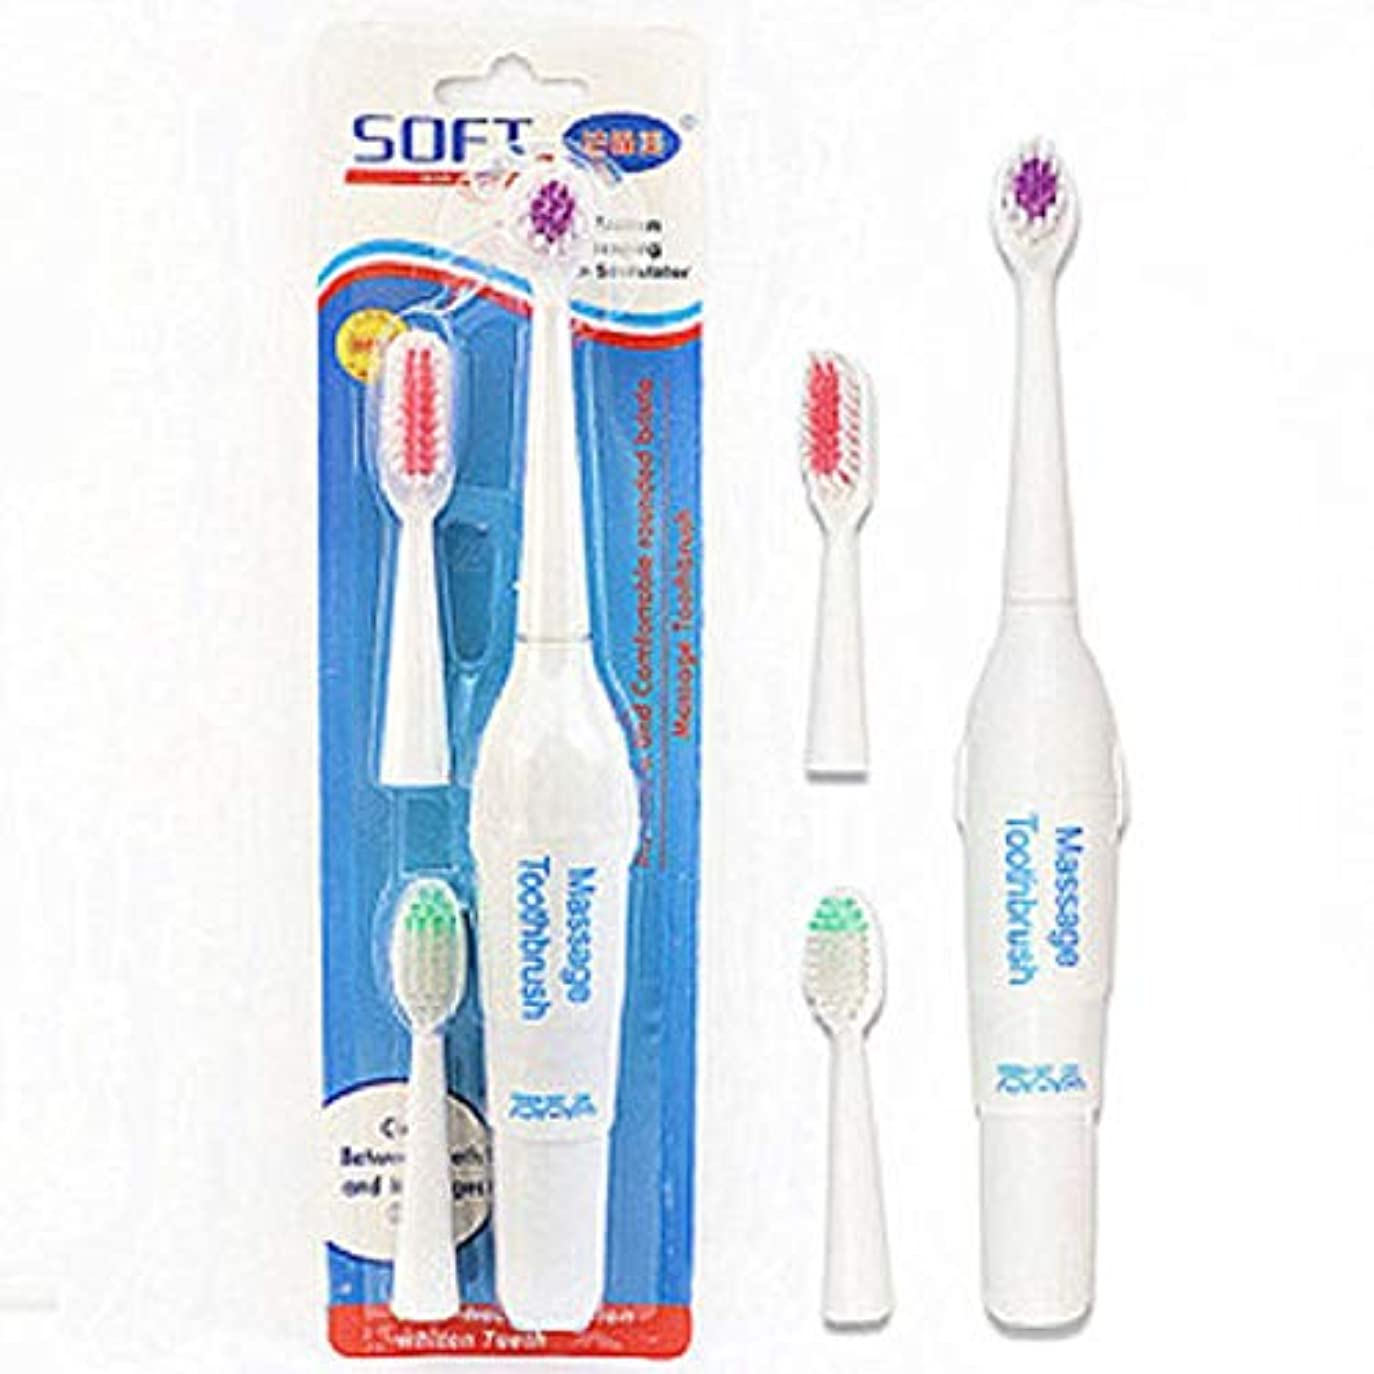 二度単なる私たち自身ペット電動歯ブラシ犬猫電動歯ブラシ、バッテリーなし(ハンドルフォントはランダムに3色で送信されます)(ホワイト)